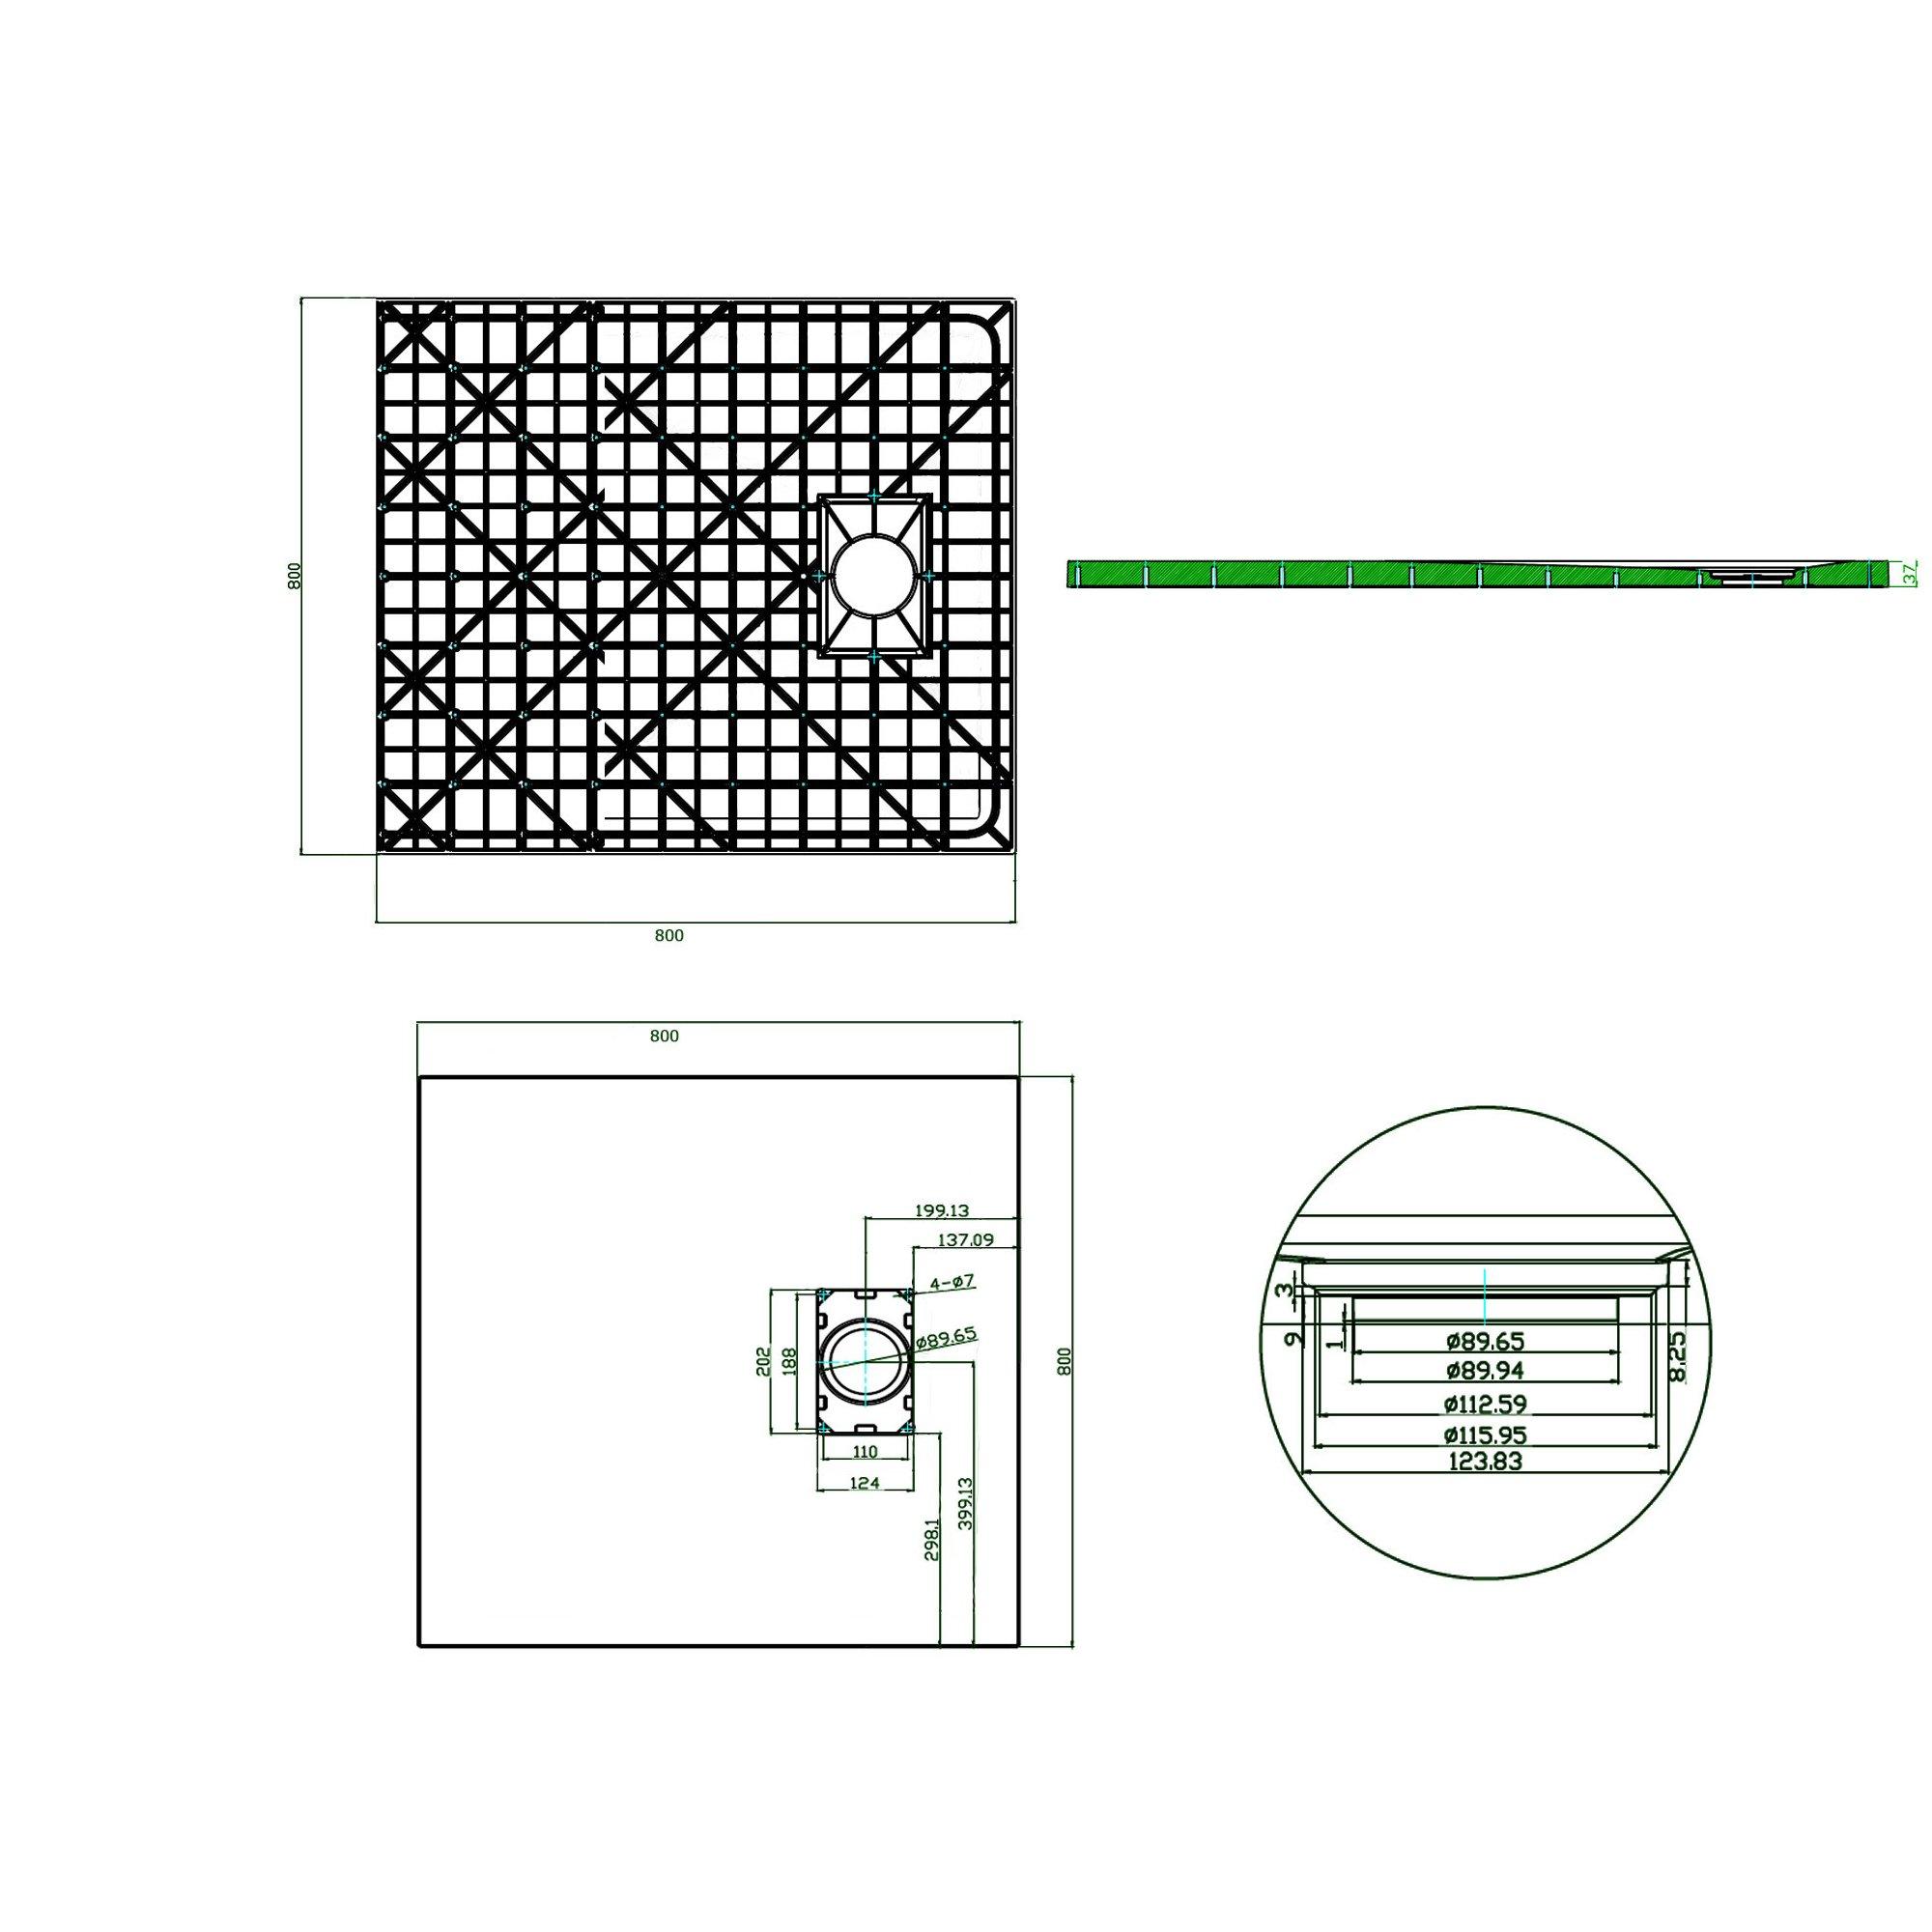 Duschtasse Duschwanne rechteckig GT-Serie in Schwarz aus SMC - Breite: 80 cm -  Zubehör wählbar zoom thumbnail 6